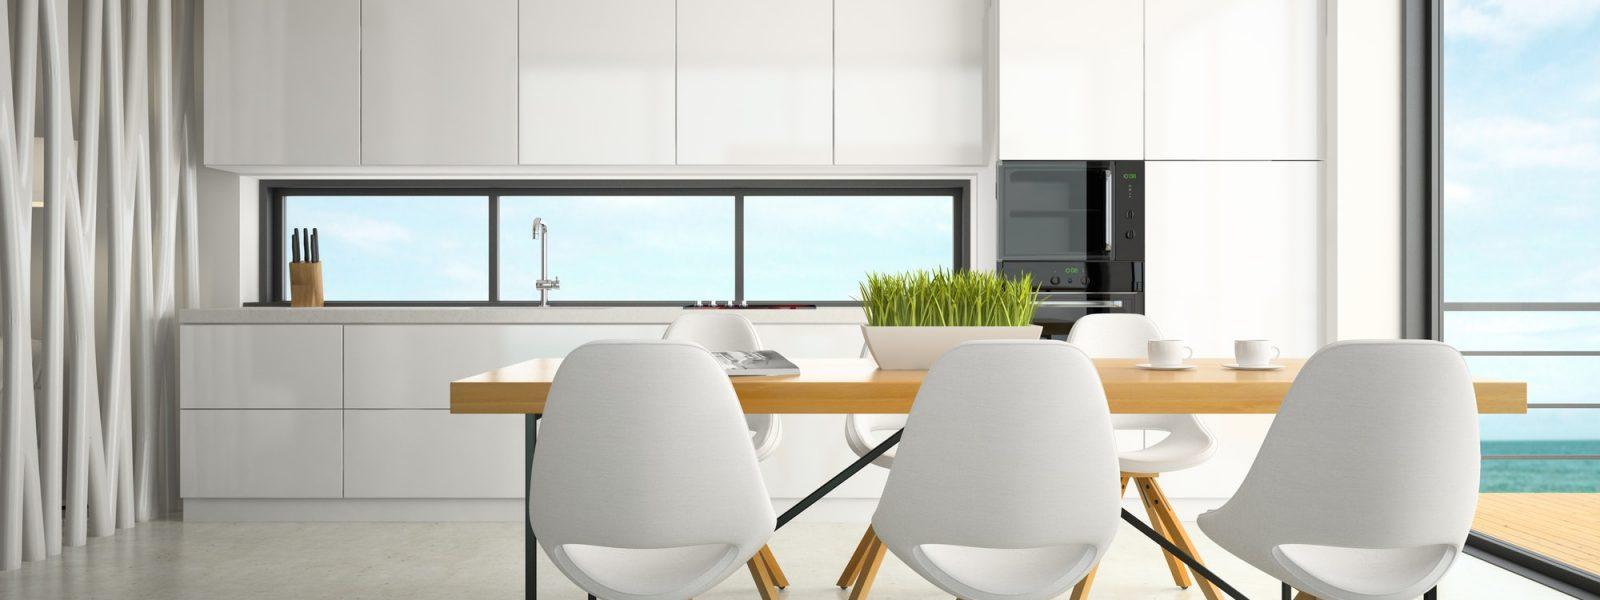 Interior of modern design kitchen 3D rendering